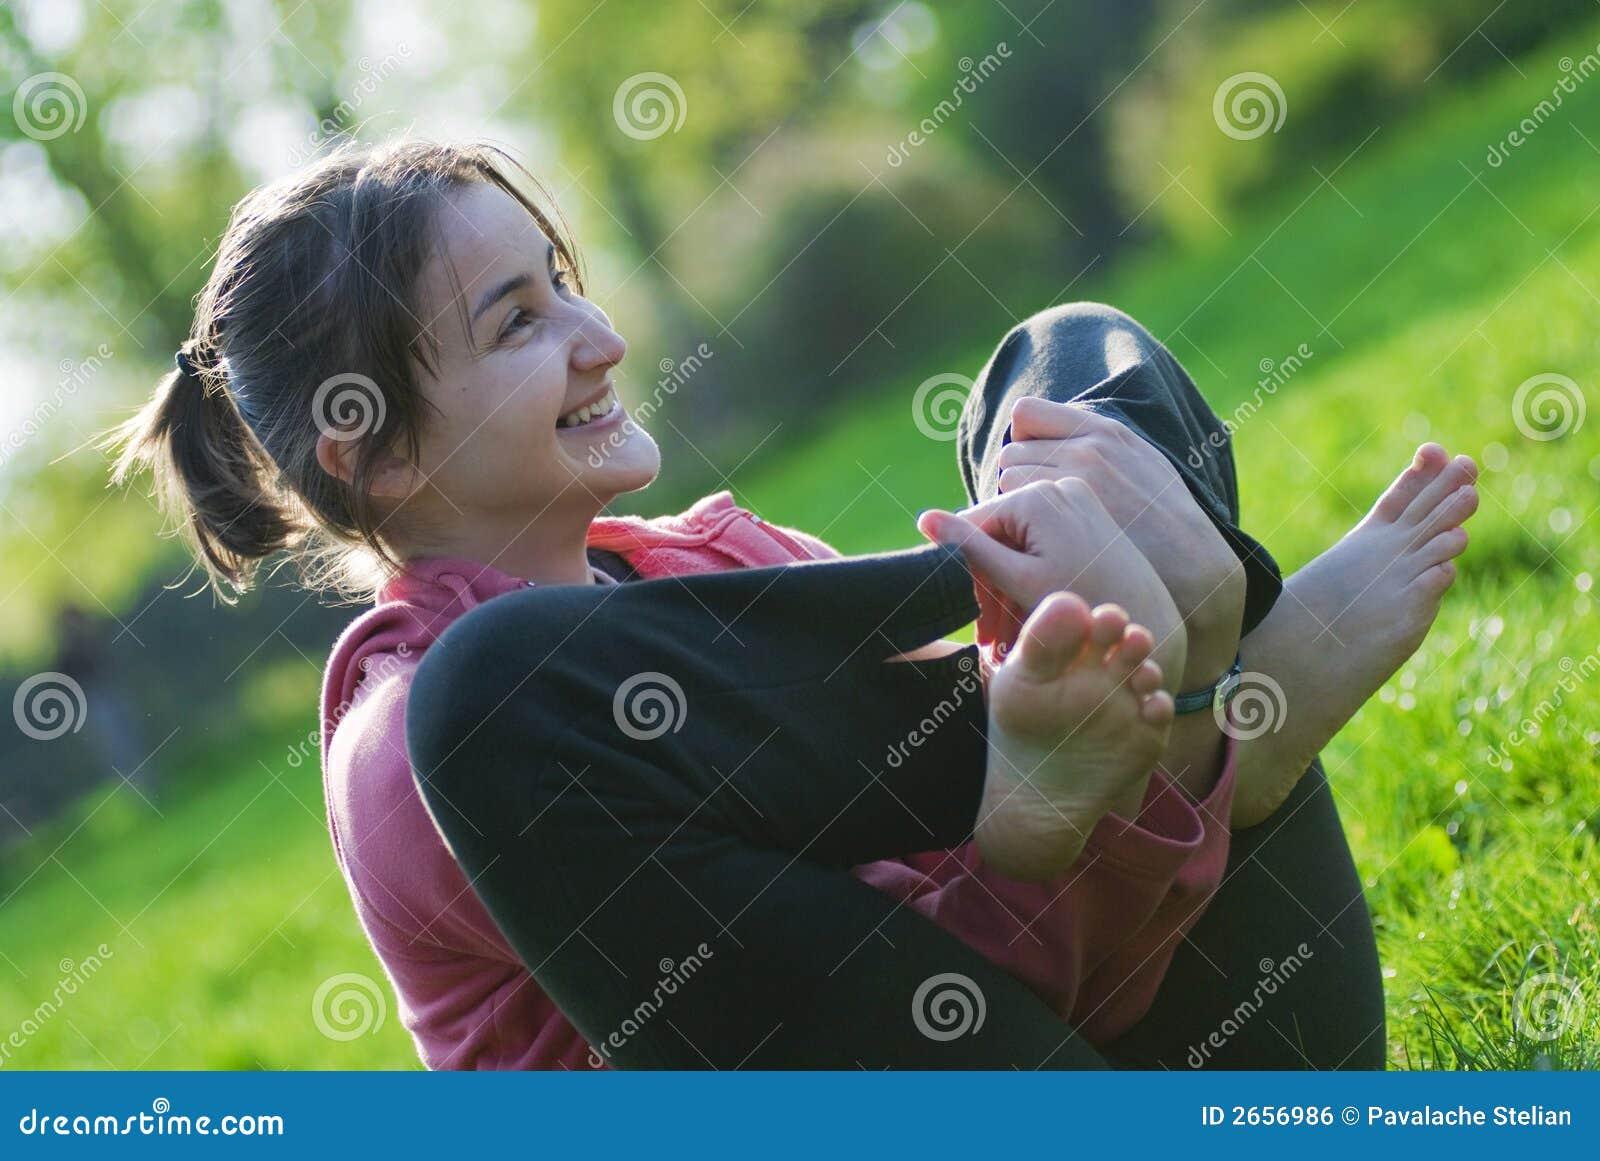 Lachen im Park